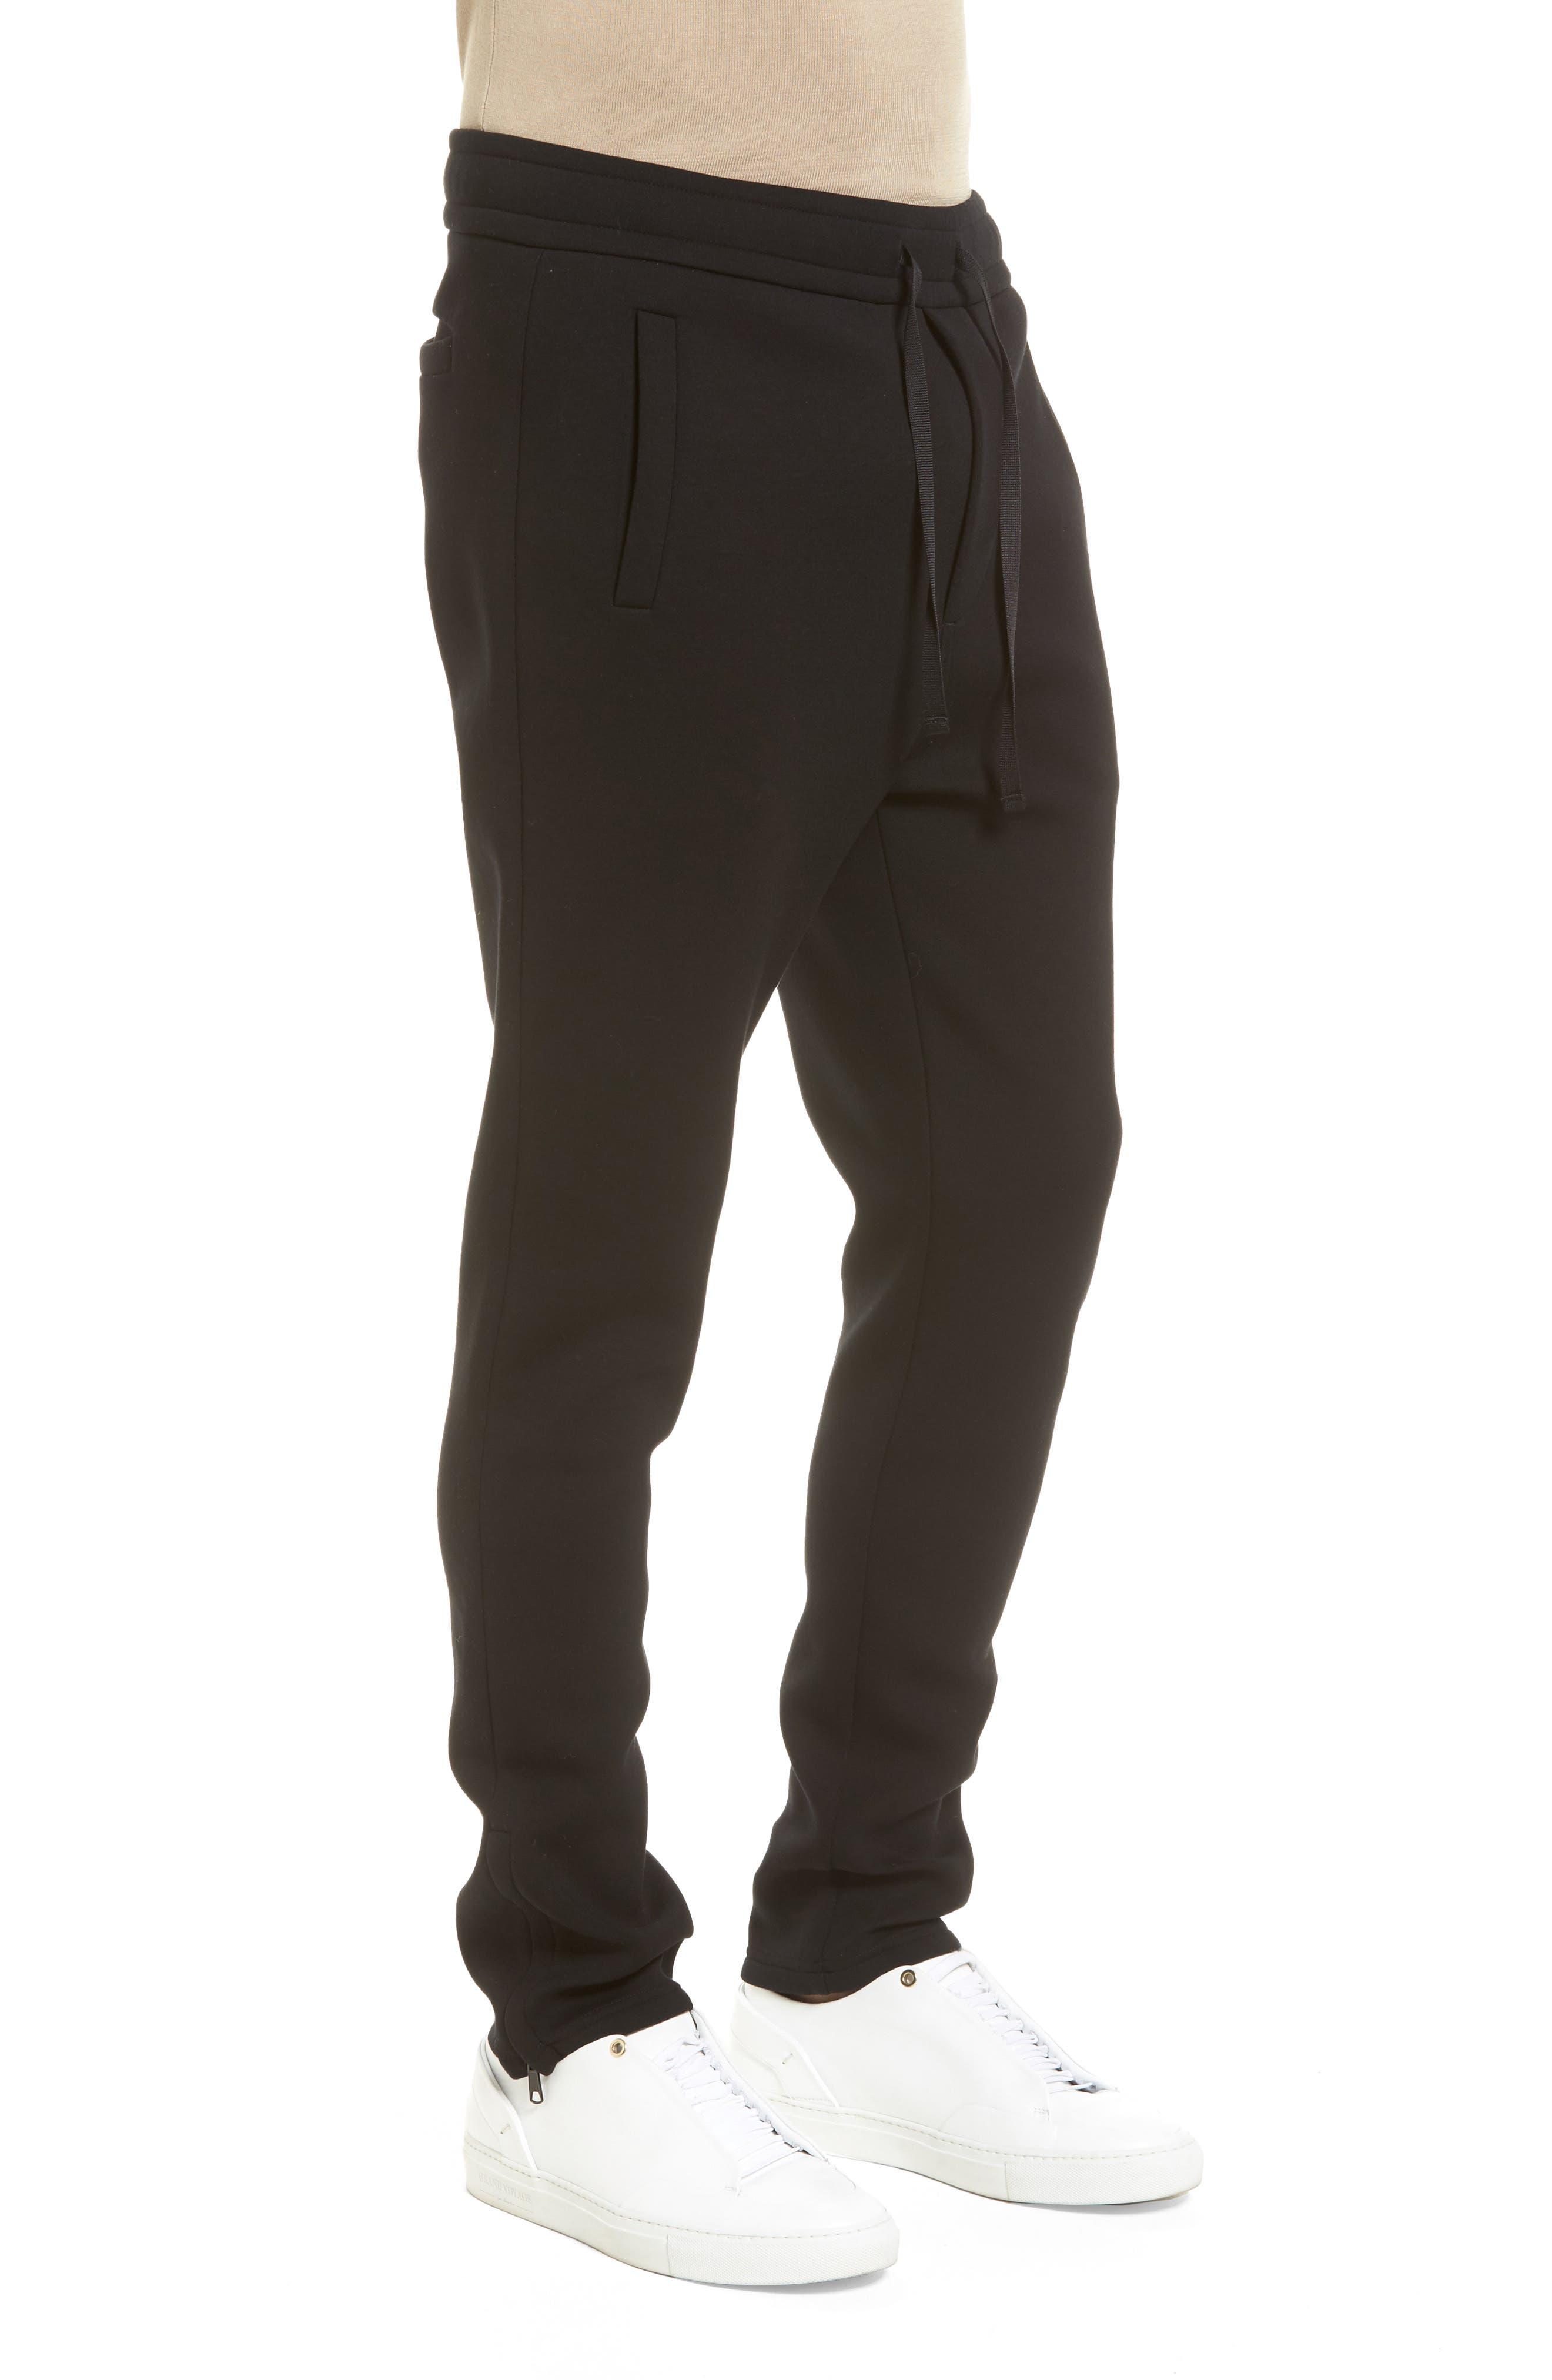 VINCE,                             Tech Slim Fit Track Pants,                             Alternate thumbnail 3, color,                             001